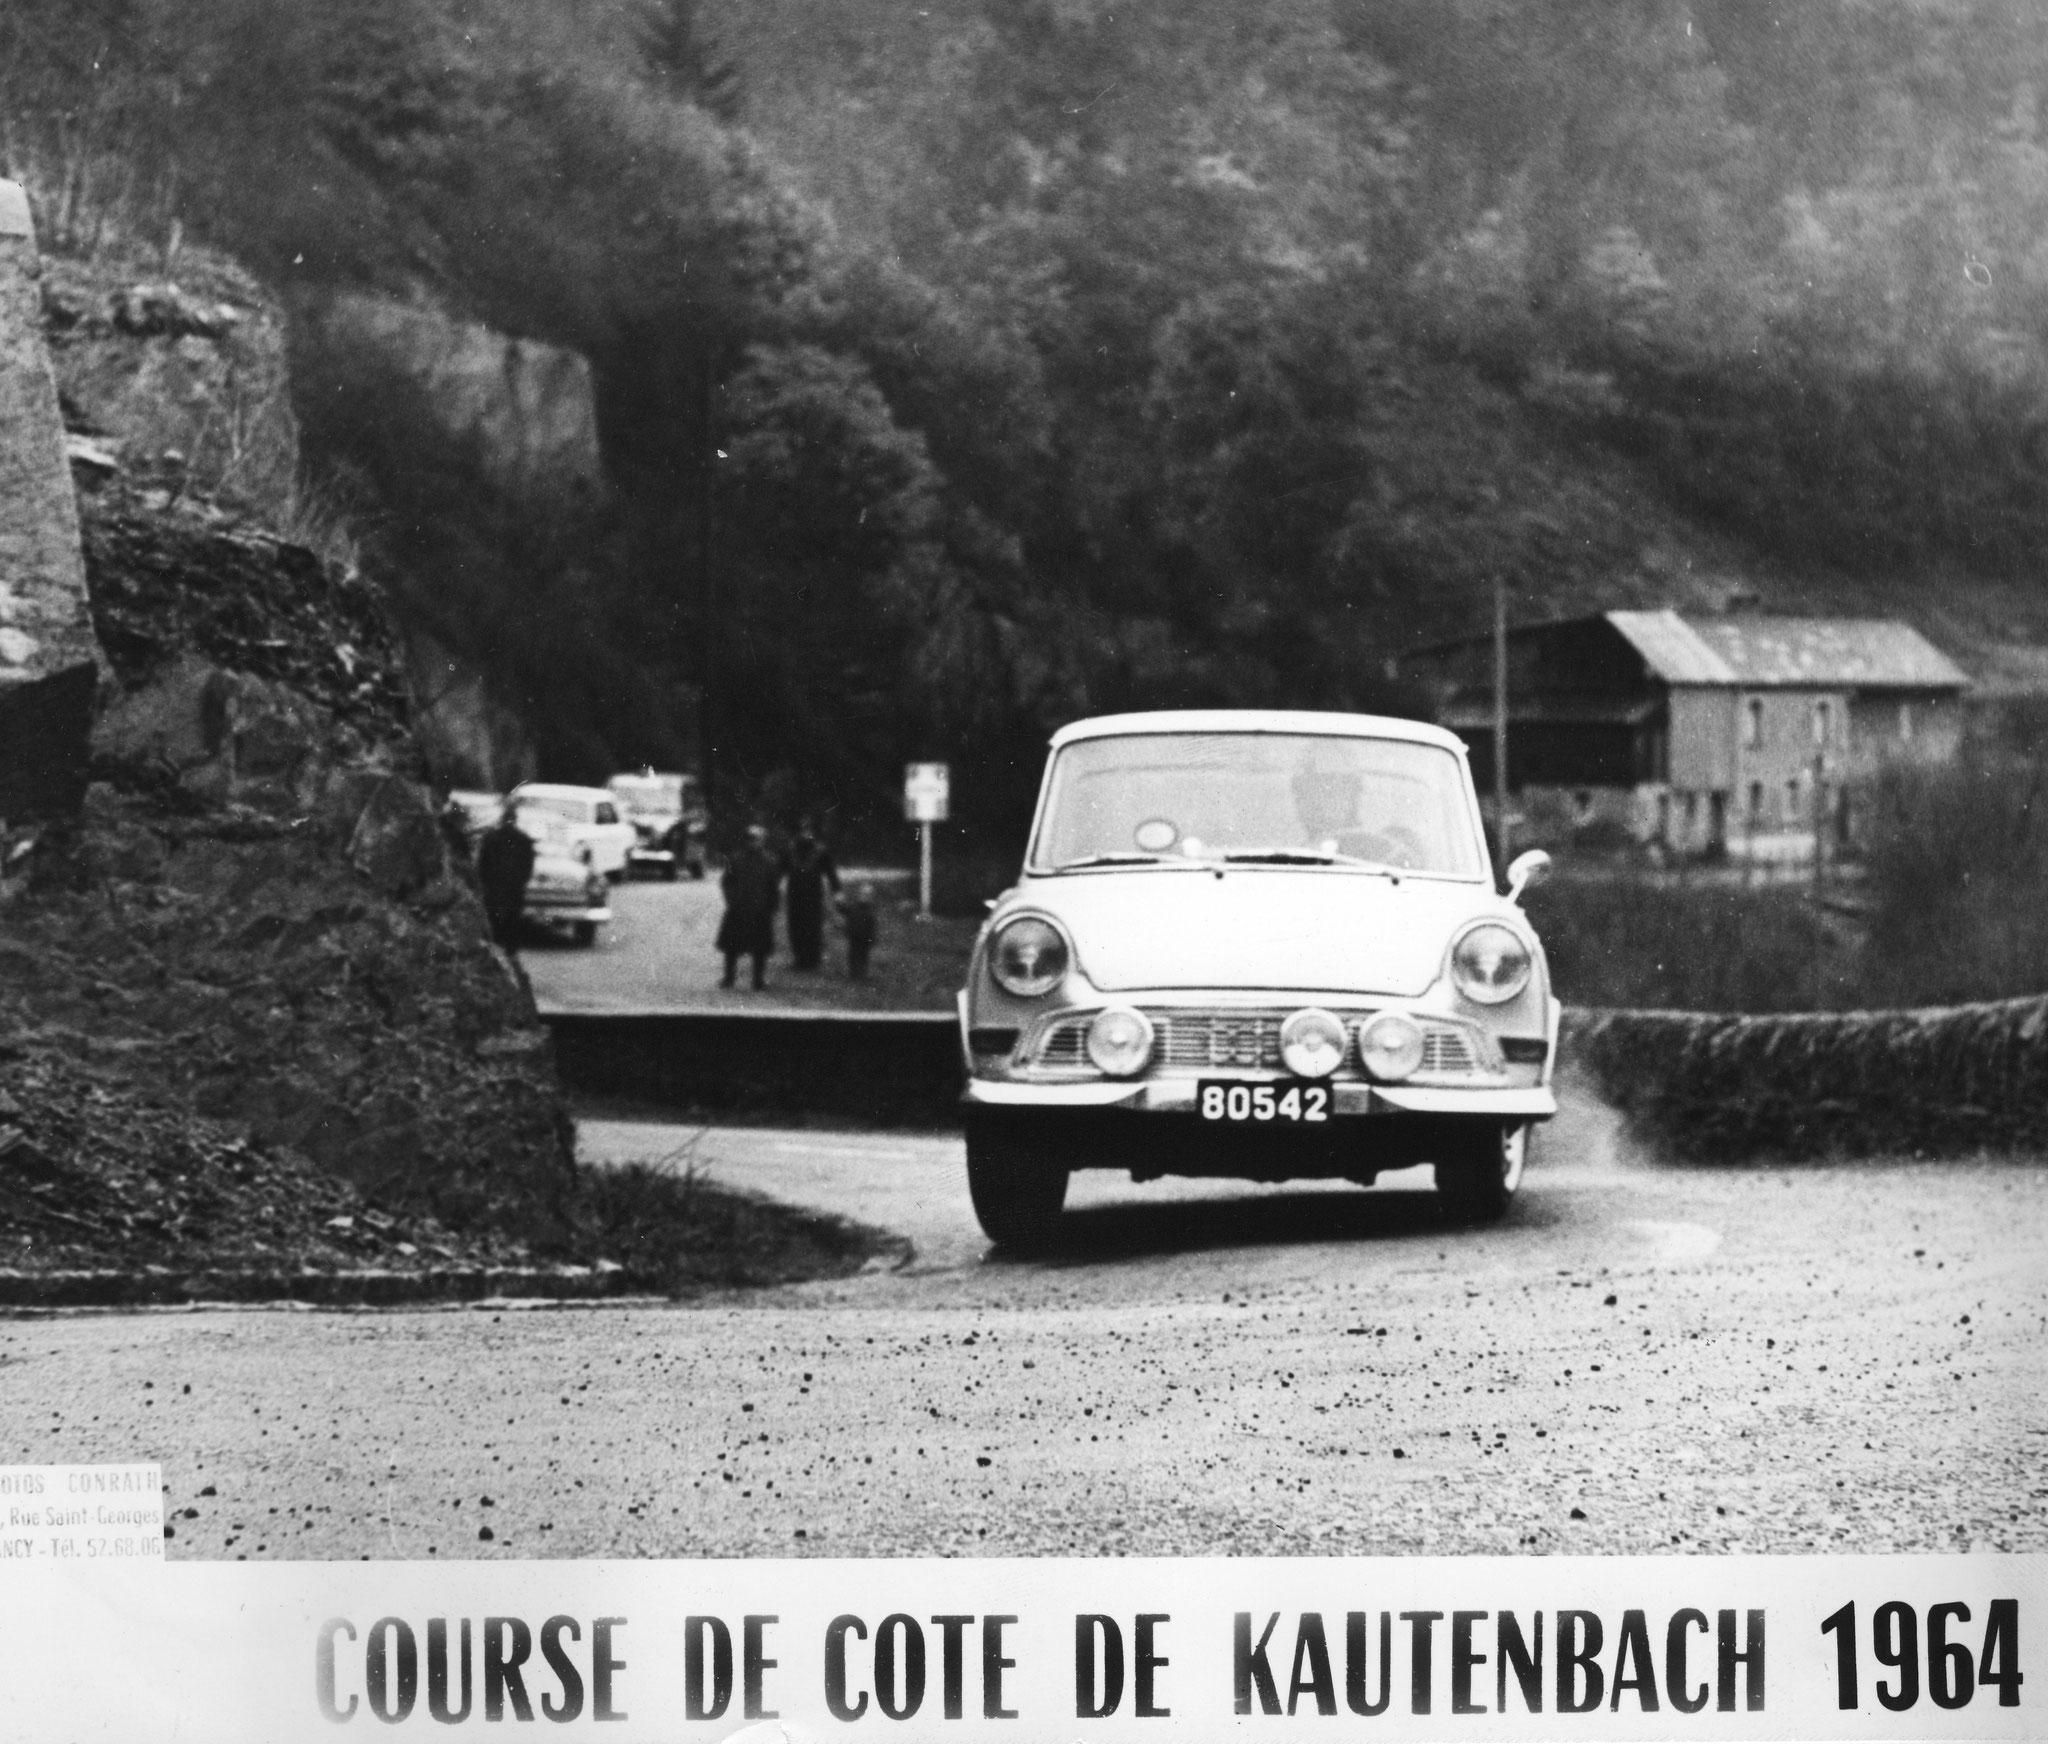 1964 Kautenbach